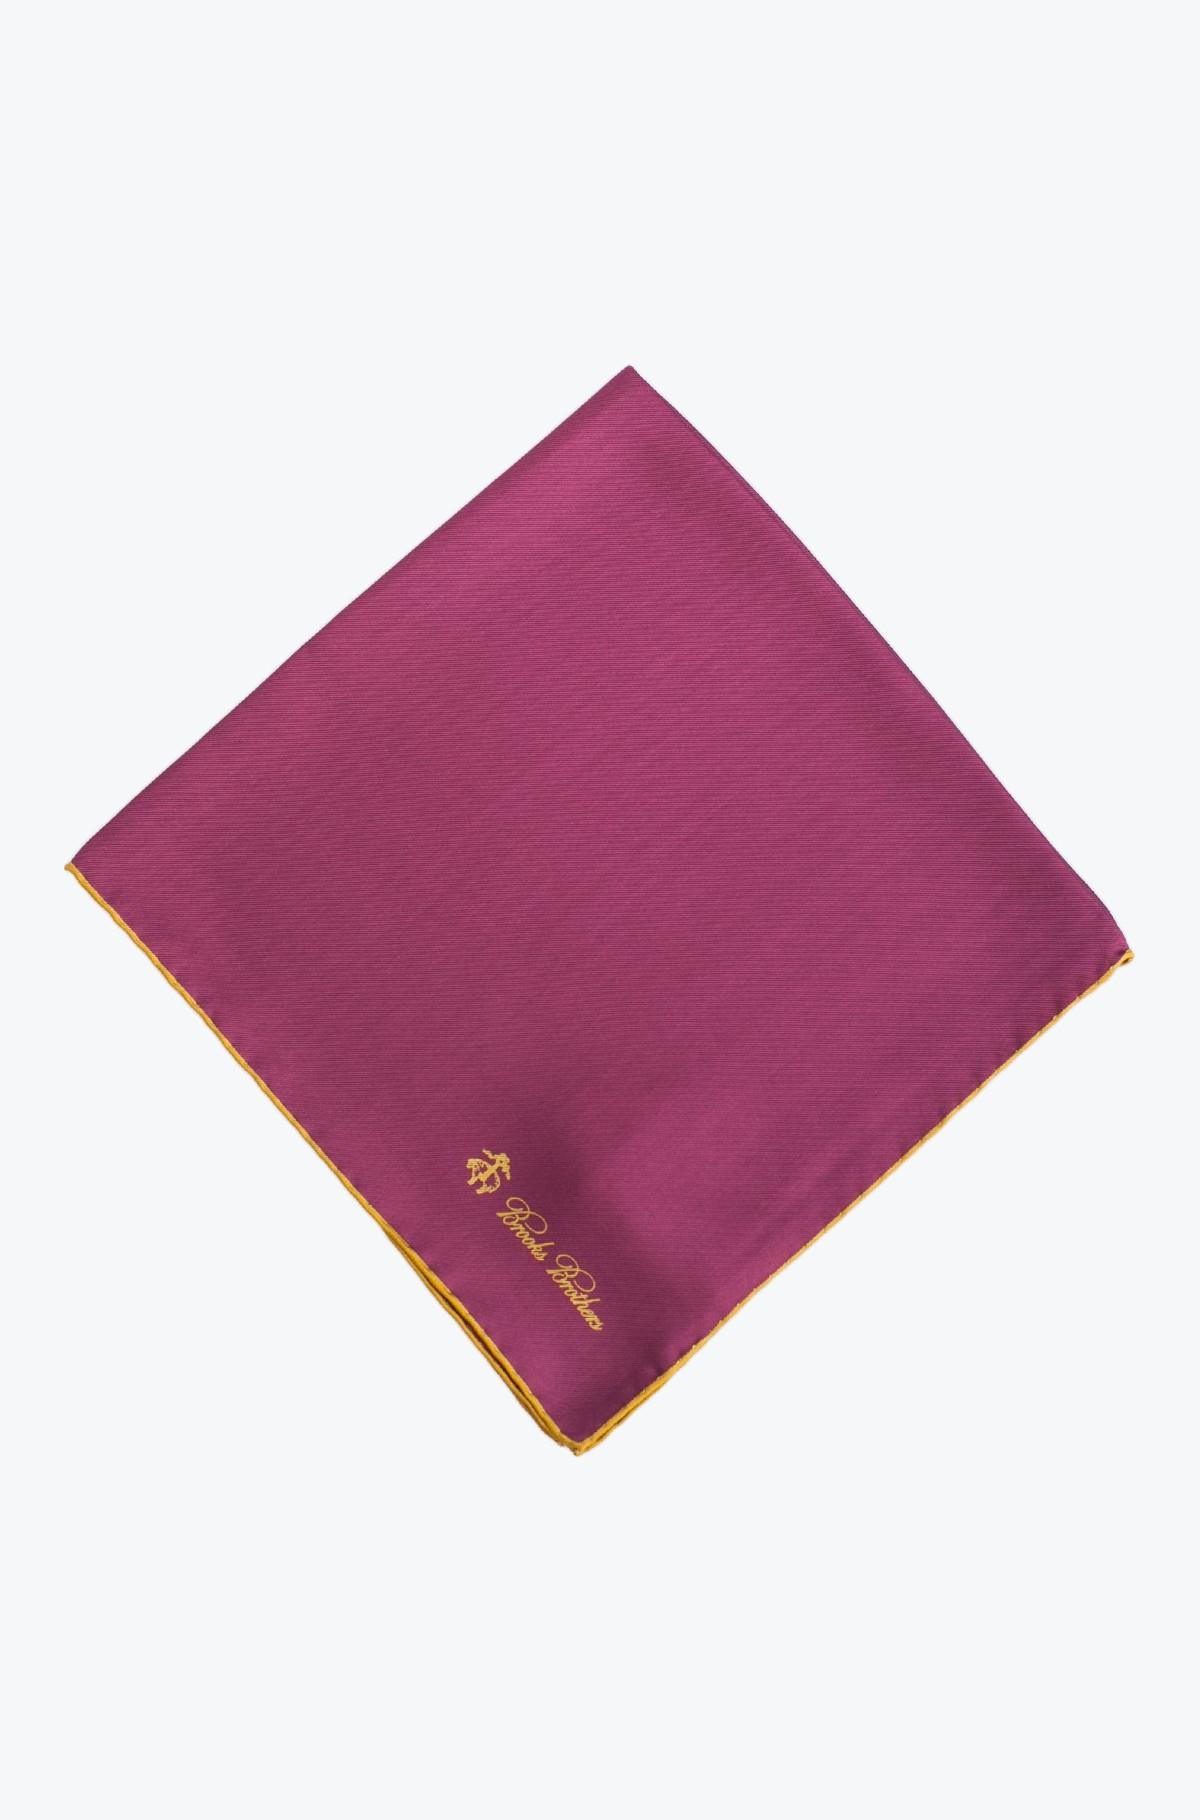 Handkerchief 00003592-full-1